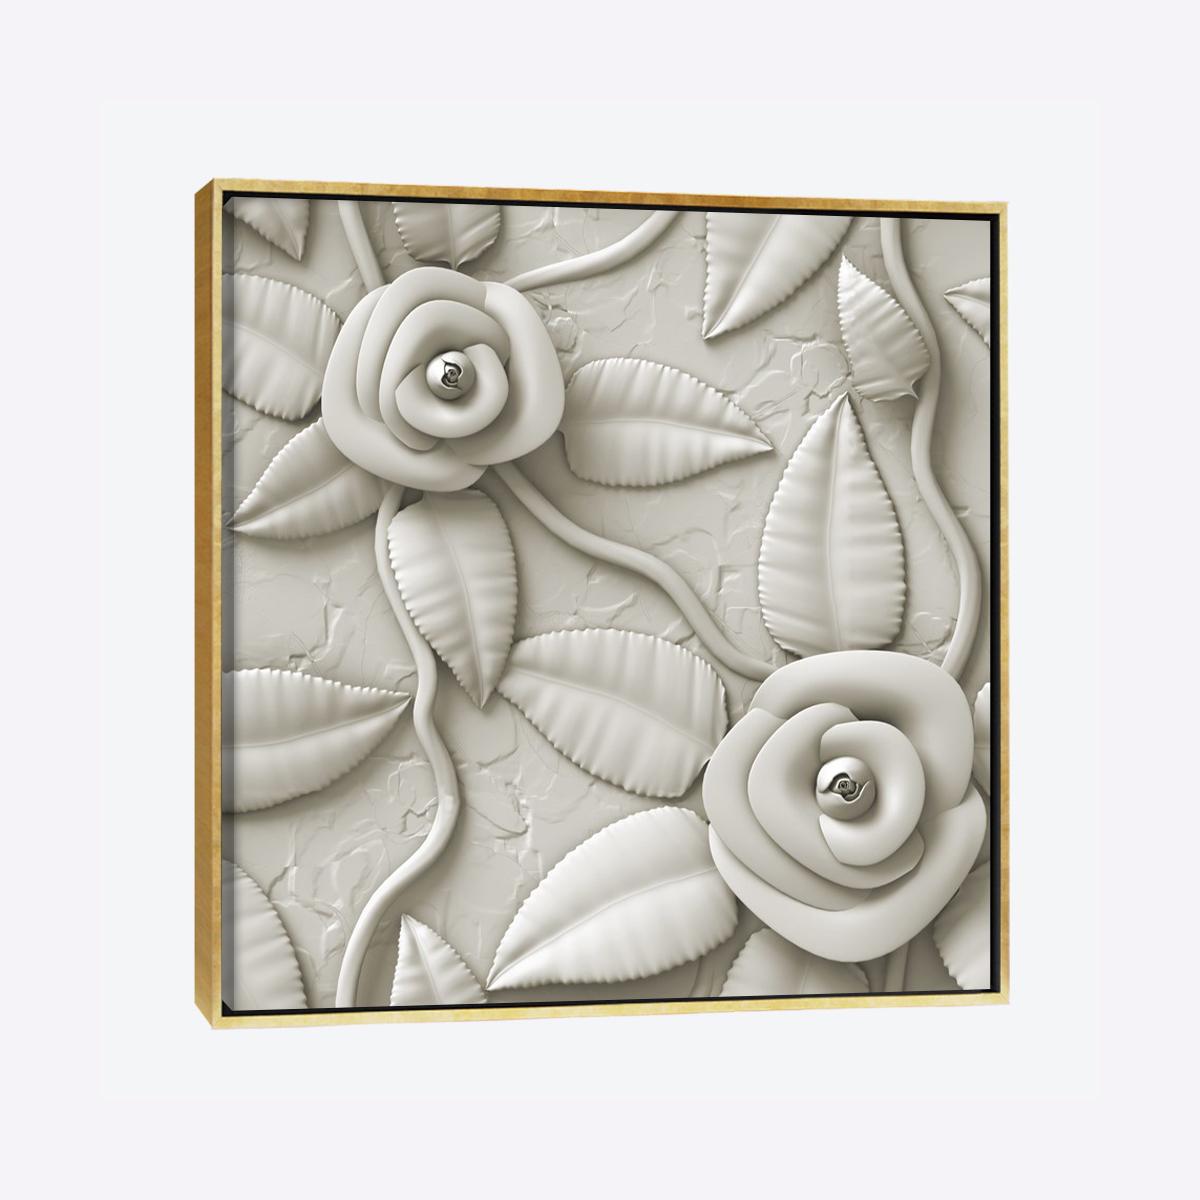 لوحات جدارية - ورود جوري باللون الرمادي محفورة بالبورسلان - لوحات جدارية - لوحات فنية مميزة - لوحة حائط مفعمة بألوان الأزهار والروح الطبيعية التي تبعثها لوحات الأزهار الفنية حيث تعطي سلام وذوق رفيع يتناسب مع جميع أثاثكم